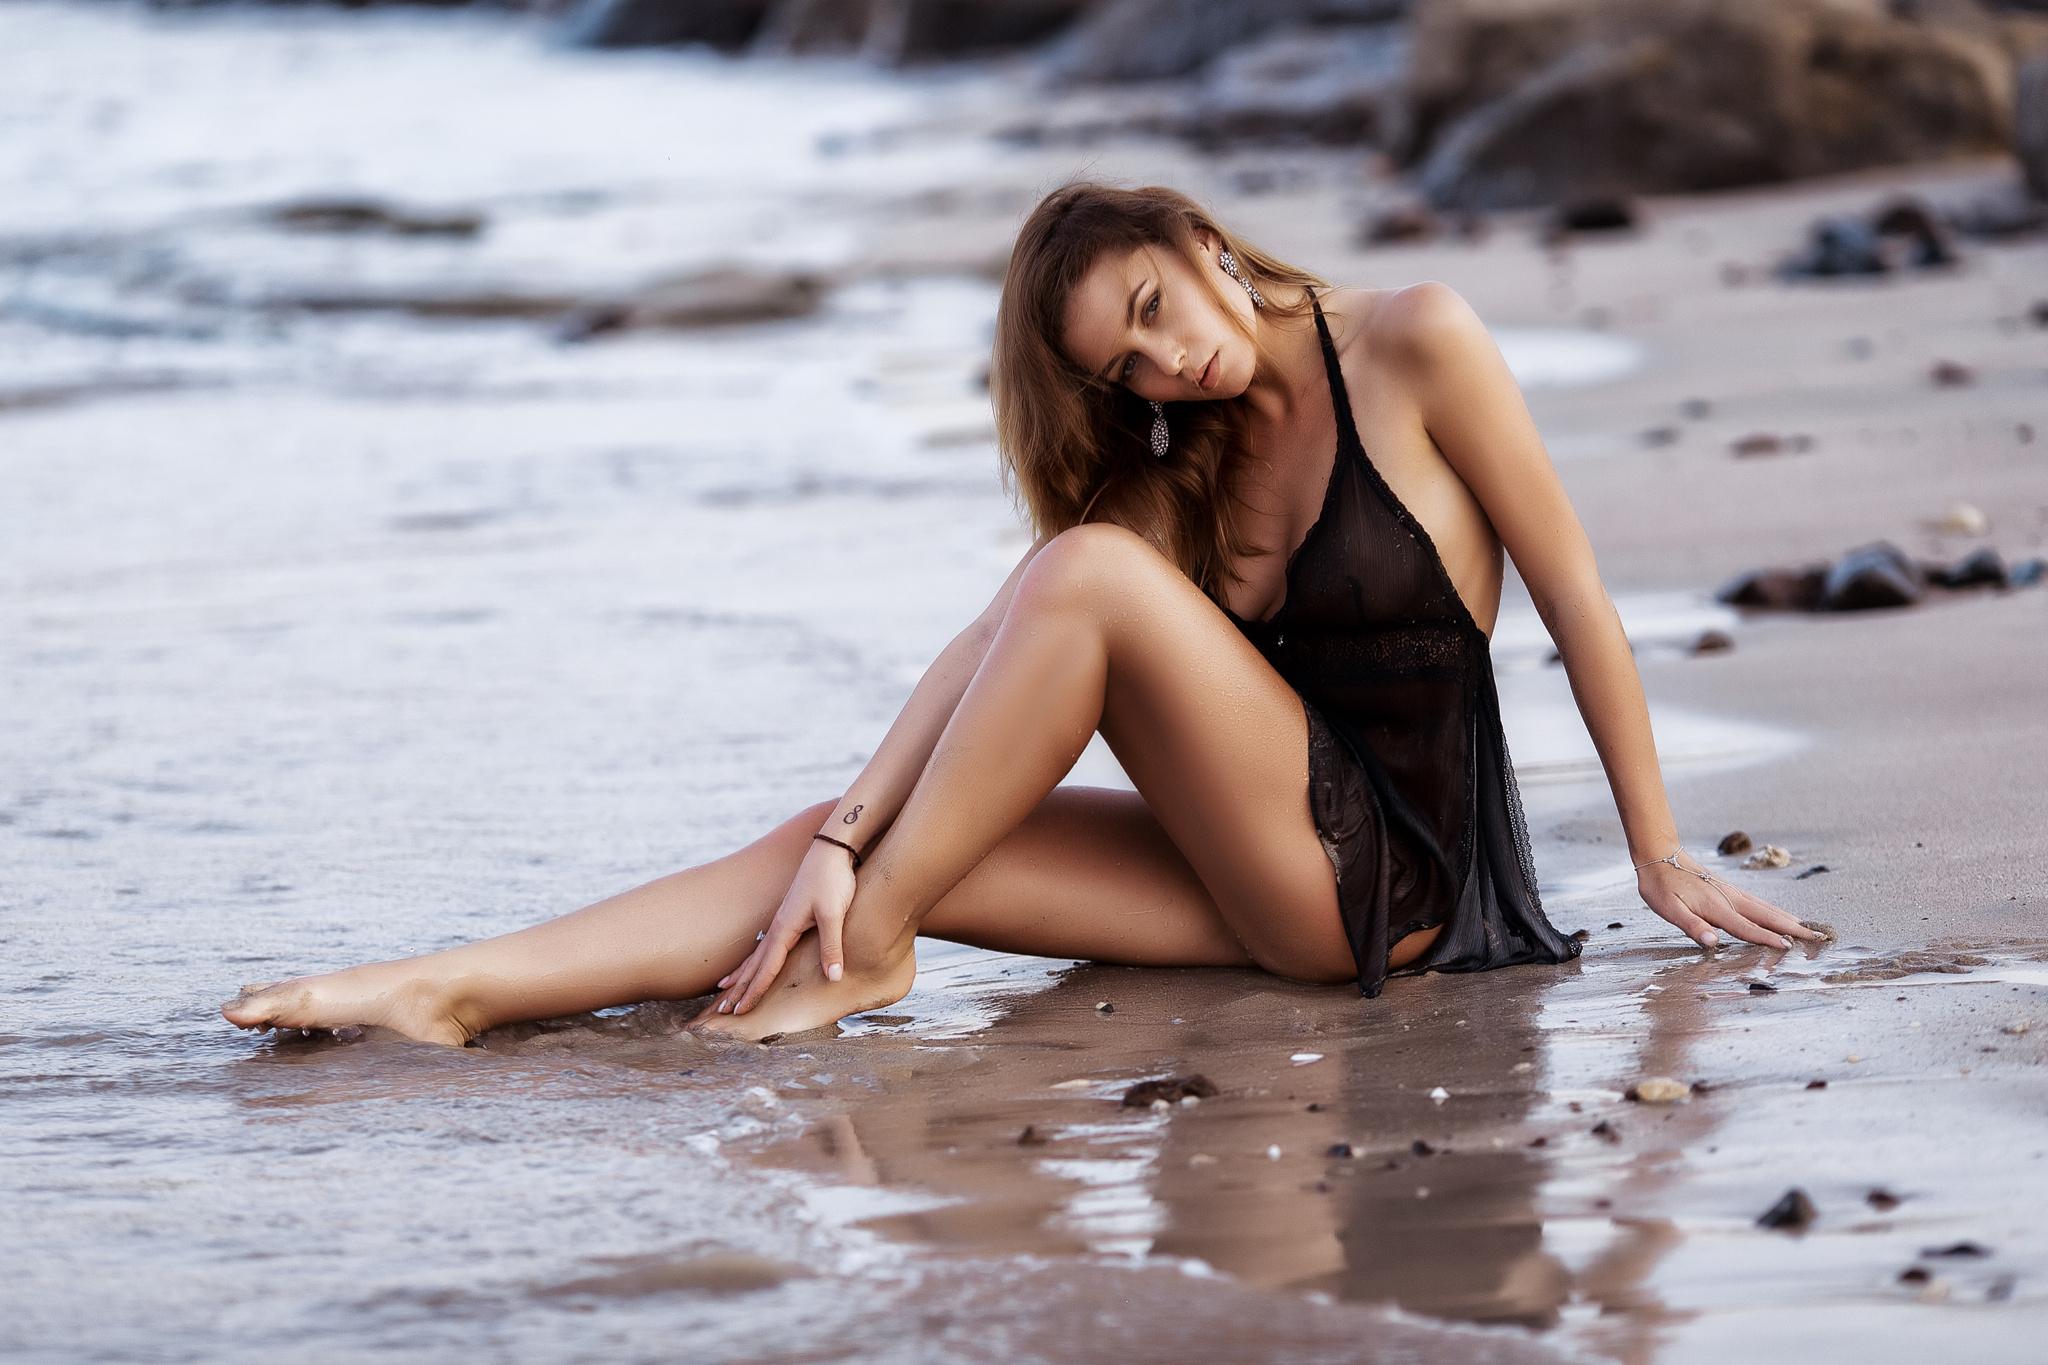 Девчонка Sara Luvv ползает по песку на берегу моря